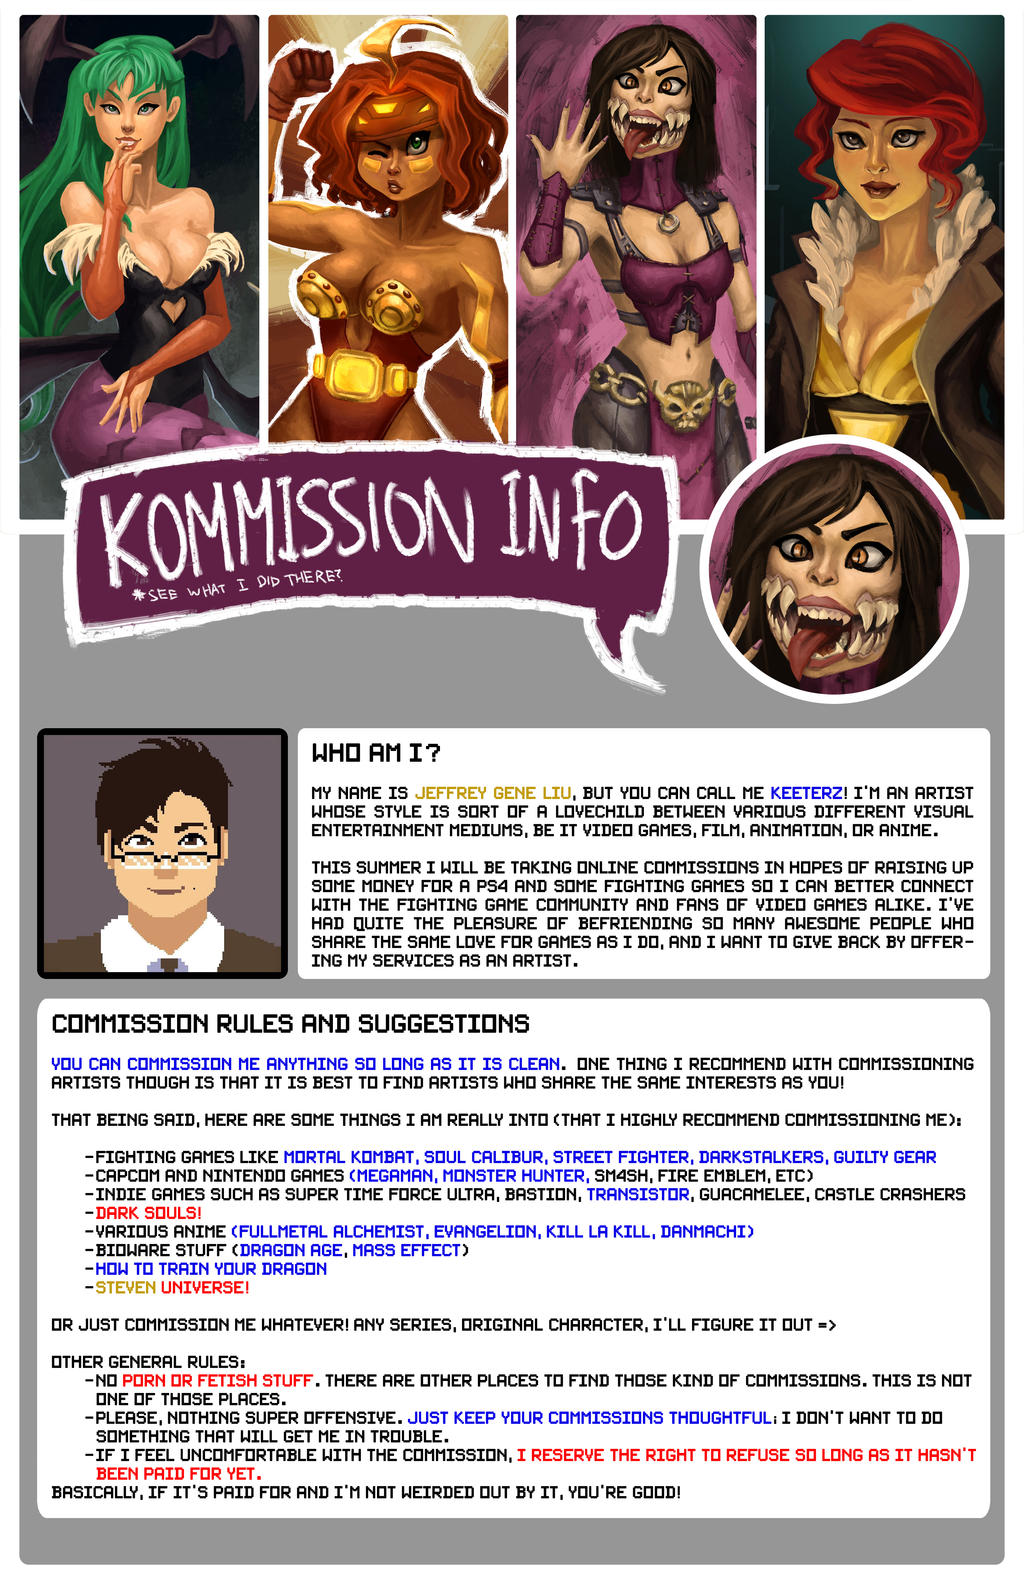 kommissioninfoPage01 by Keeterz